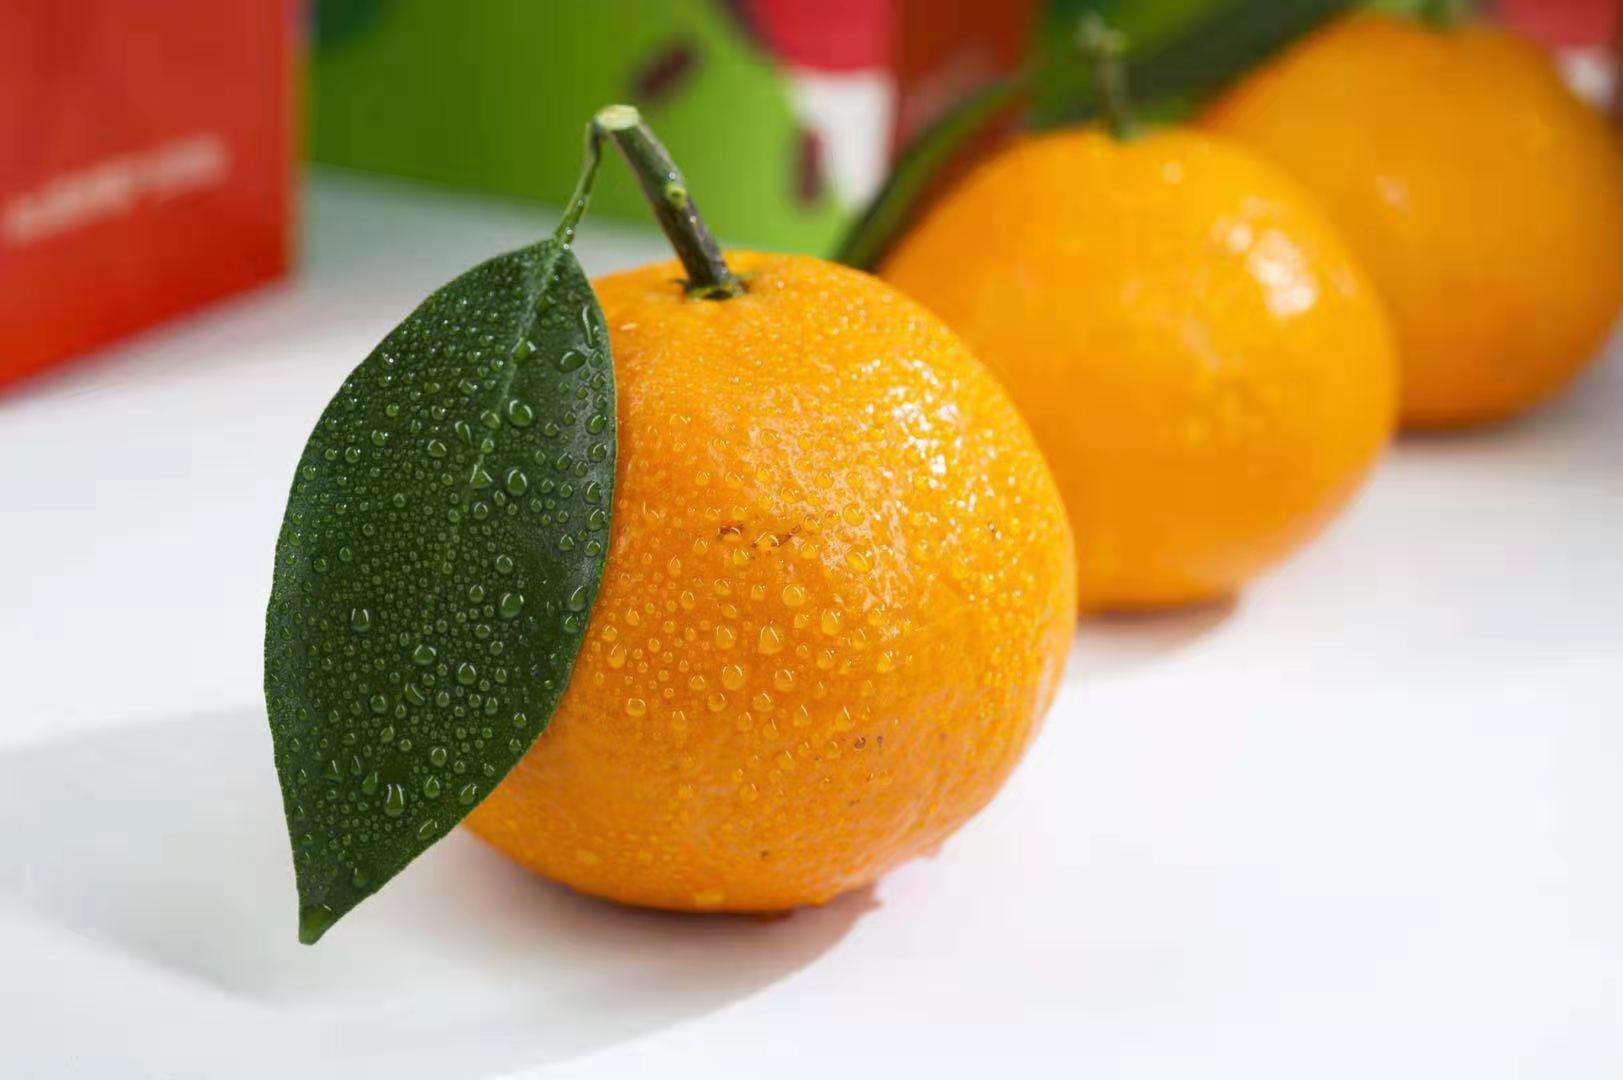 奉化区柑橘哪里有 诚信经营「象山文祥家庭农场供应」